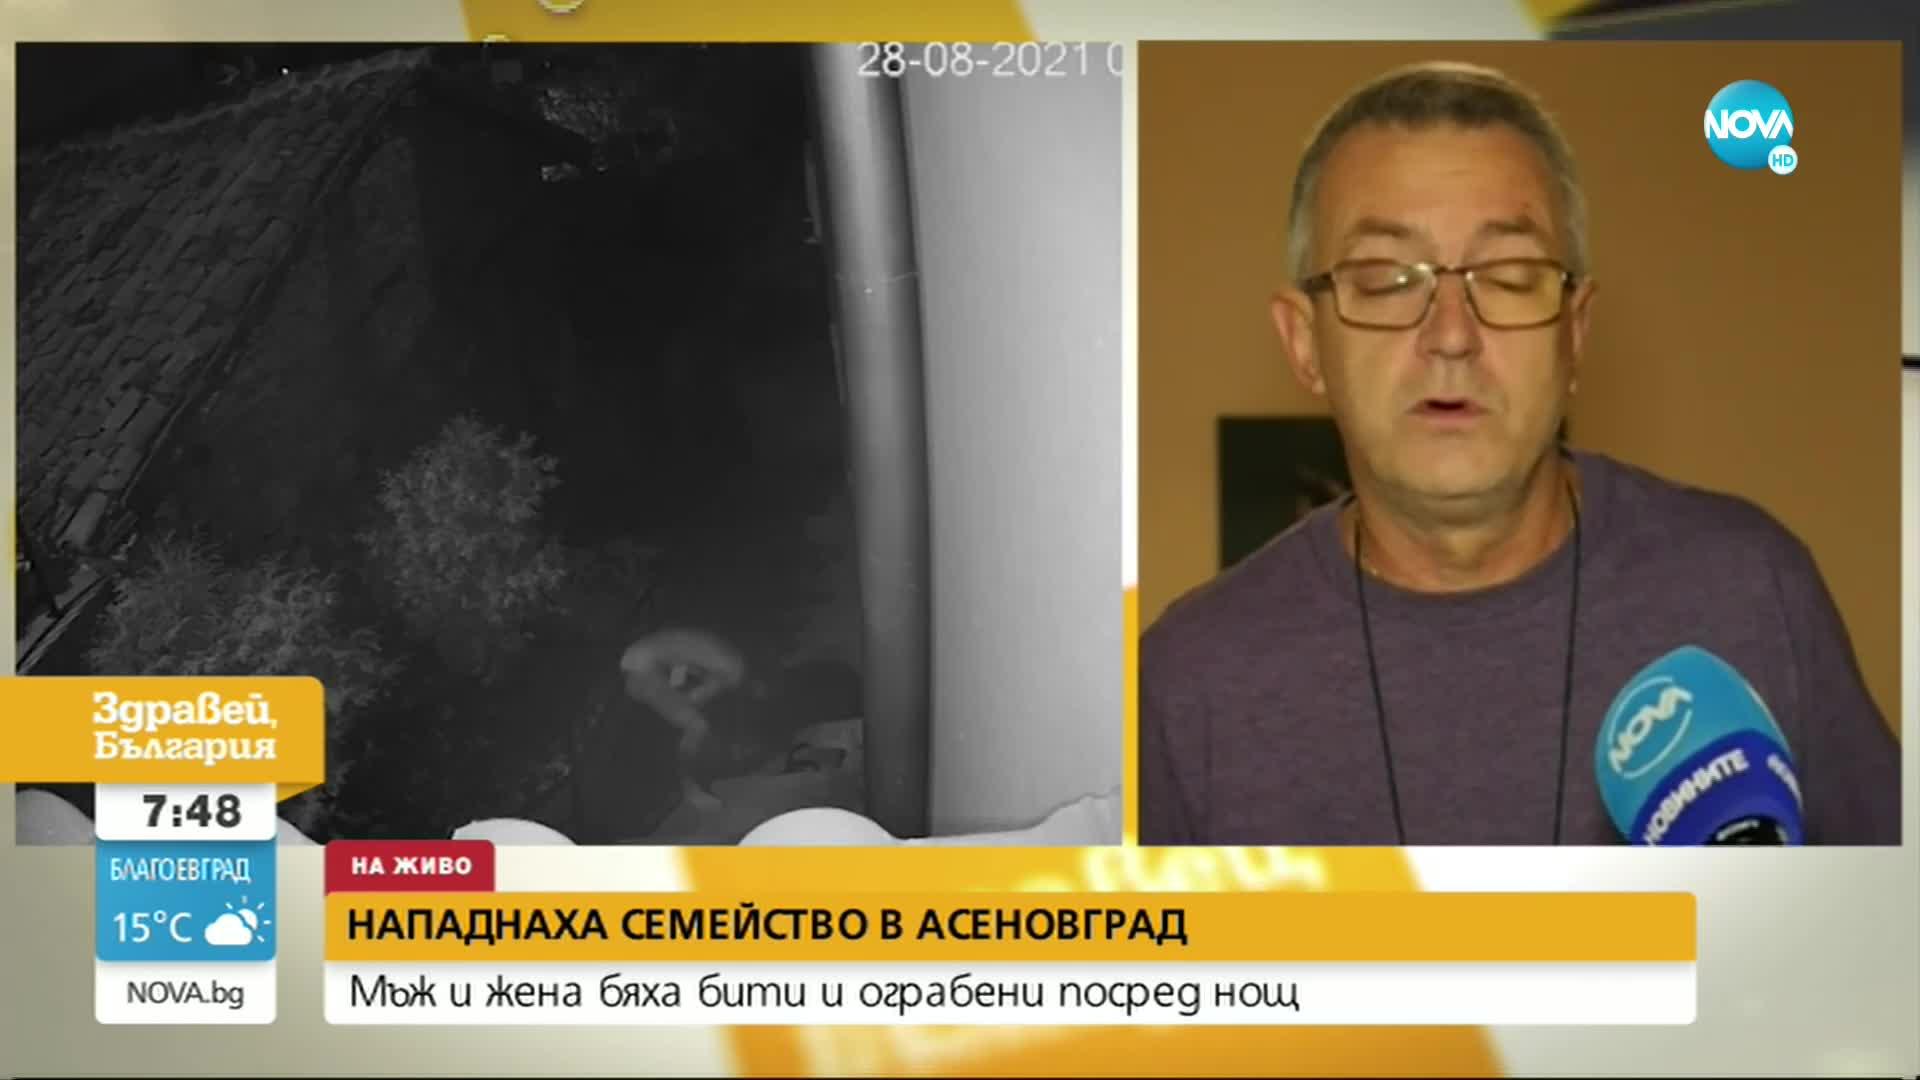 Посред нощ: Нападнаха възрастно семейство в Асеновград